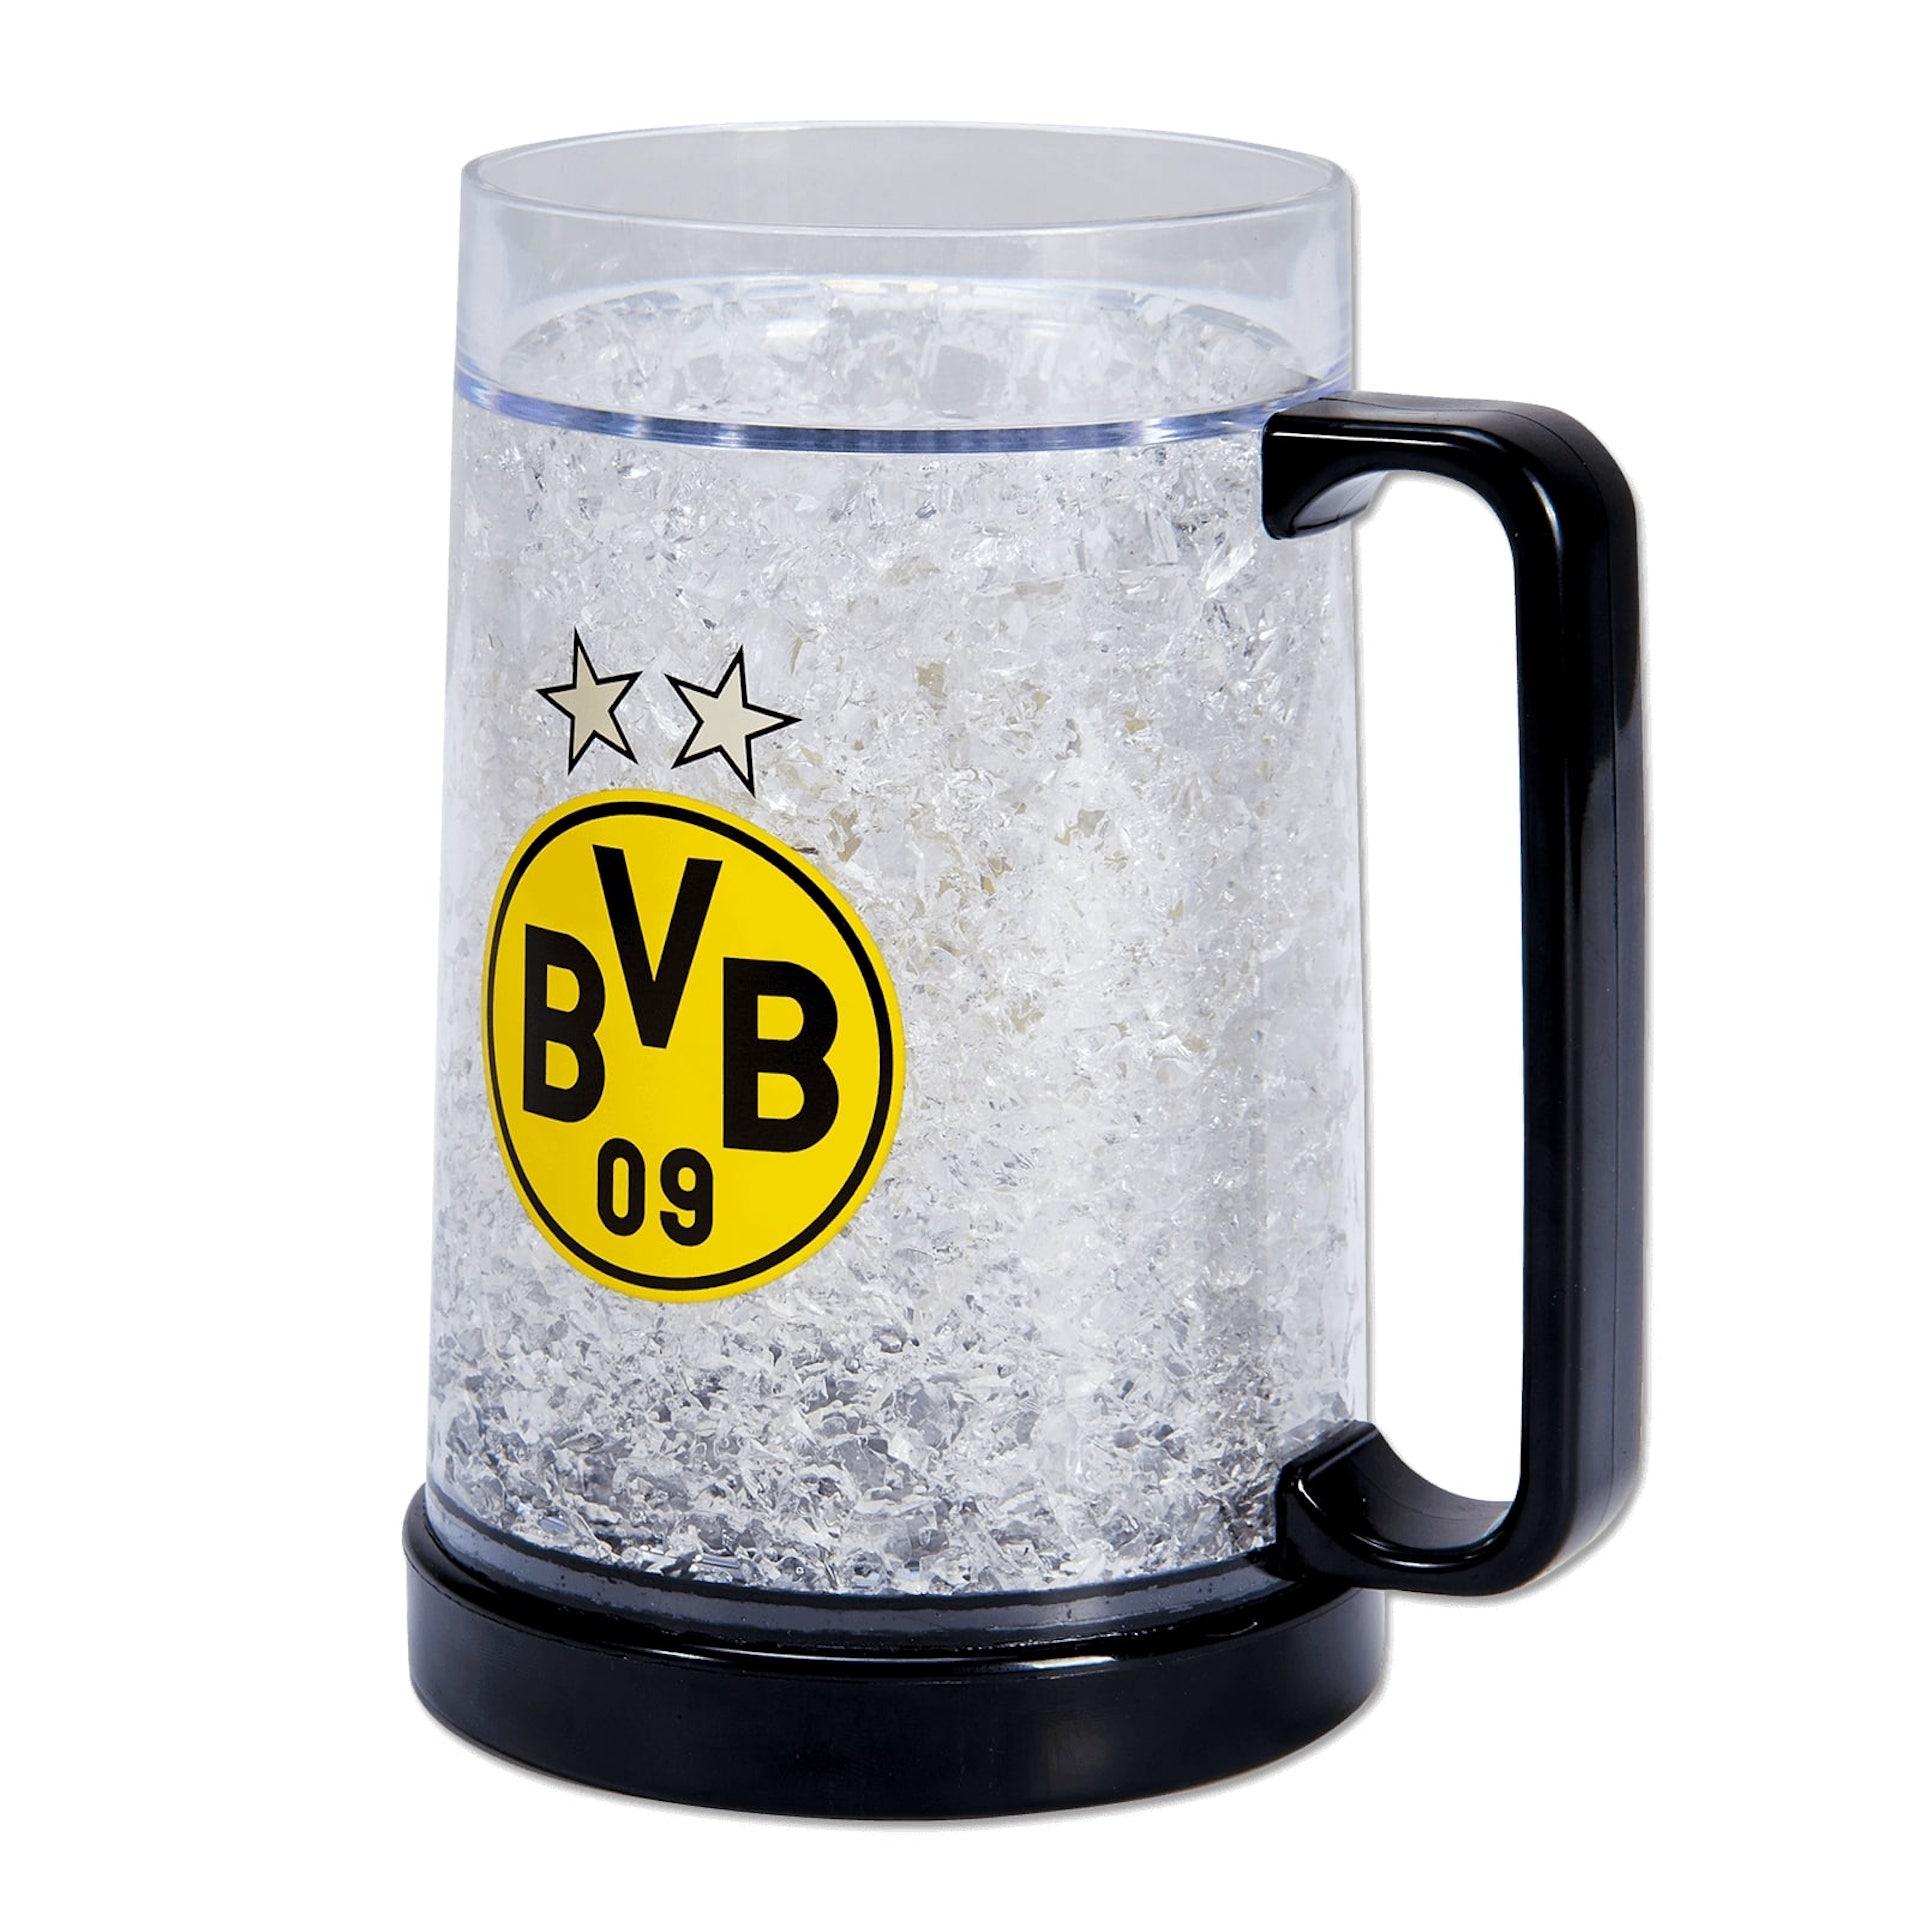 BVB Bierkrug zum Einfrieren